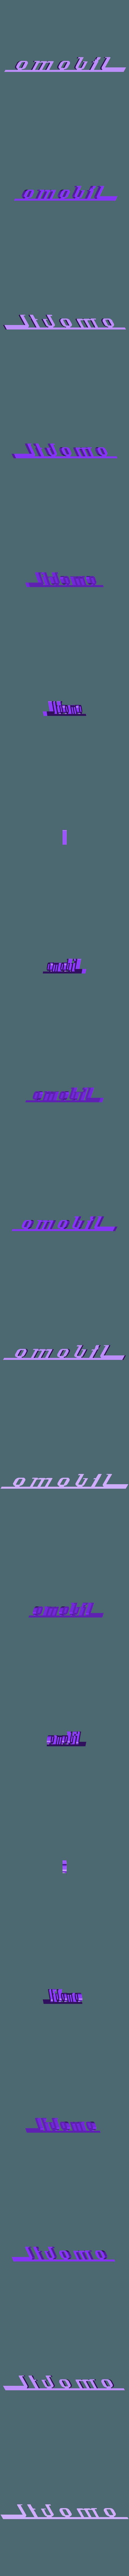 omobil.stl Télécharger fichier STL gratuit Logo du coupé Goggomobil • Modèle à imprimer en 3D, peaberry